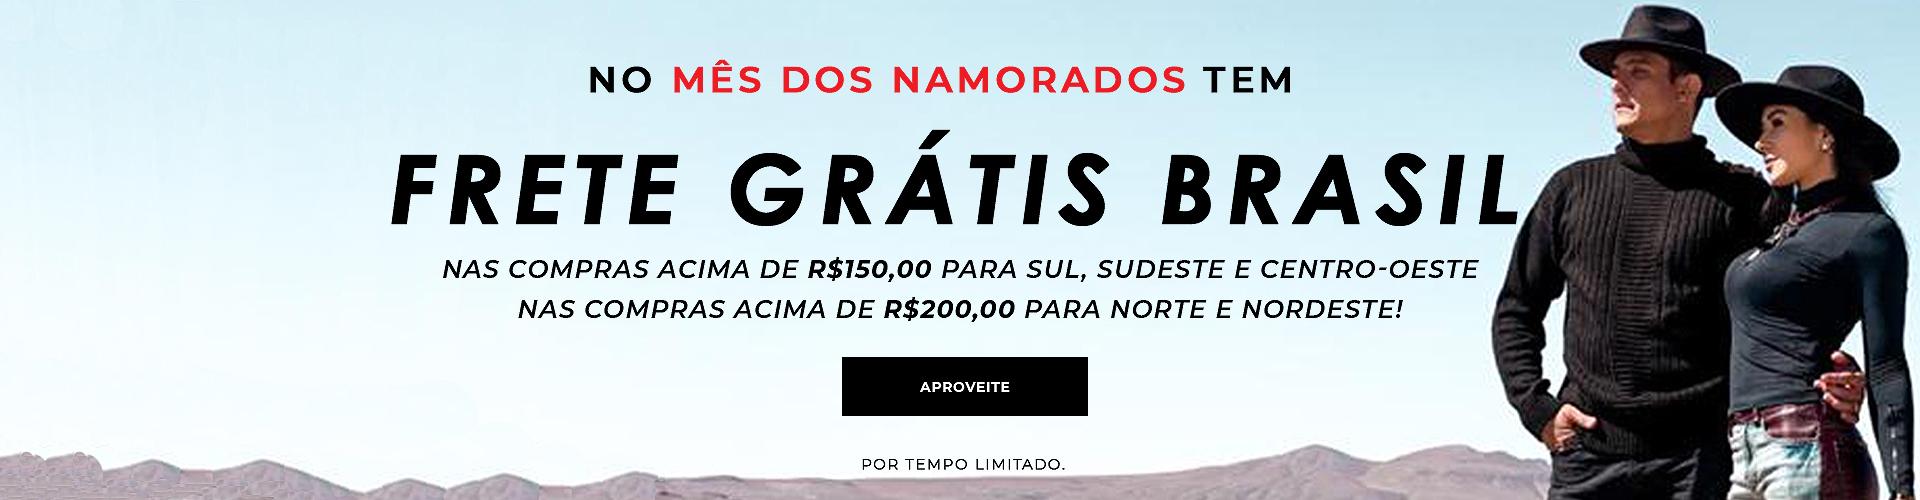 Namorados 2021 - Frete Grátis Brasil*